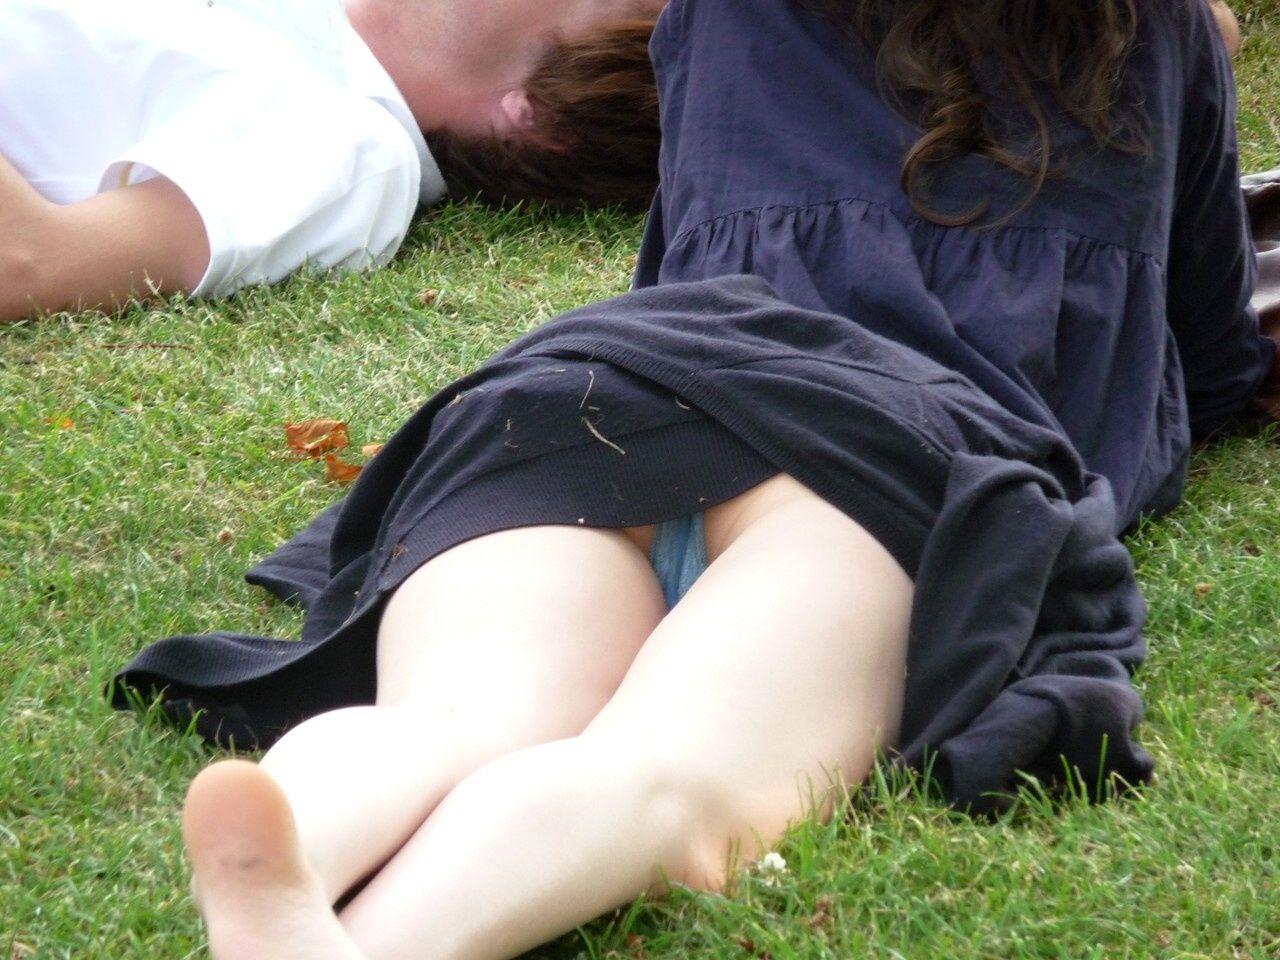 お花見に行ってくつろいでるまんさんの撮影に成功wwwwwww(画像あり)・3枚目